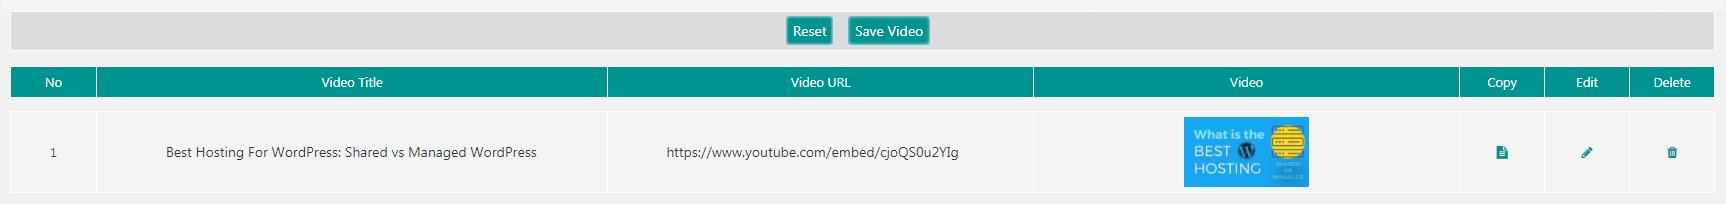 您的YouTube图库的视频列表。